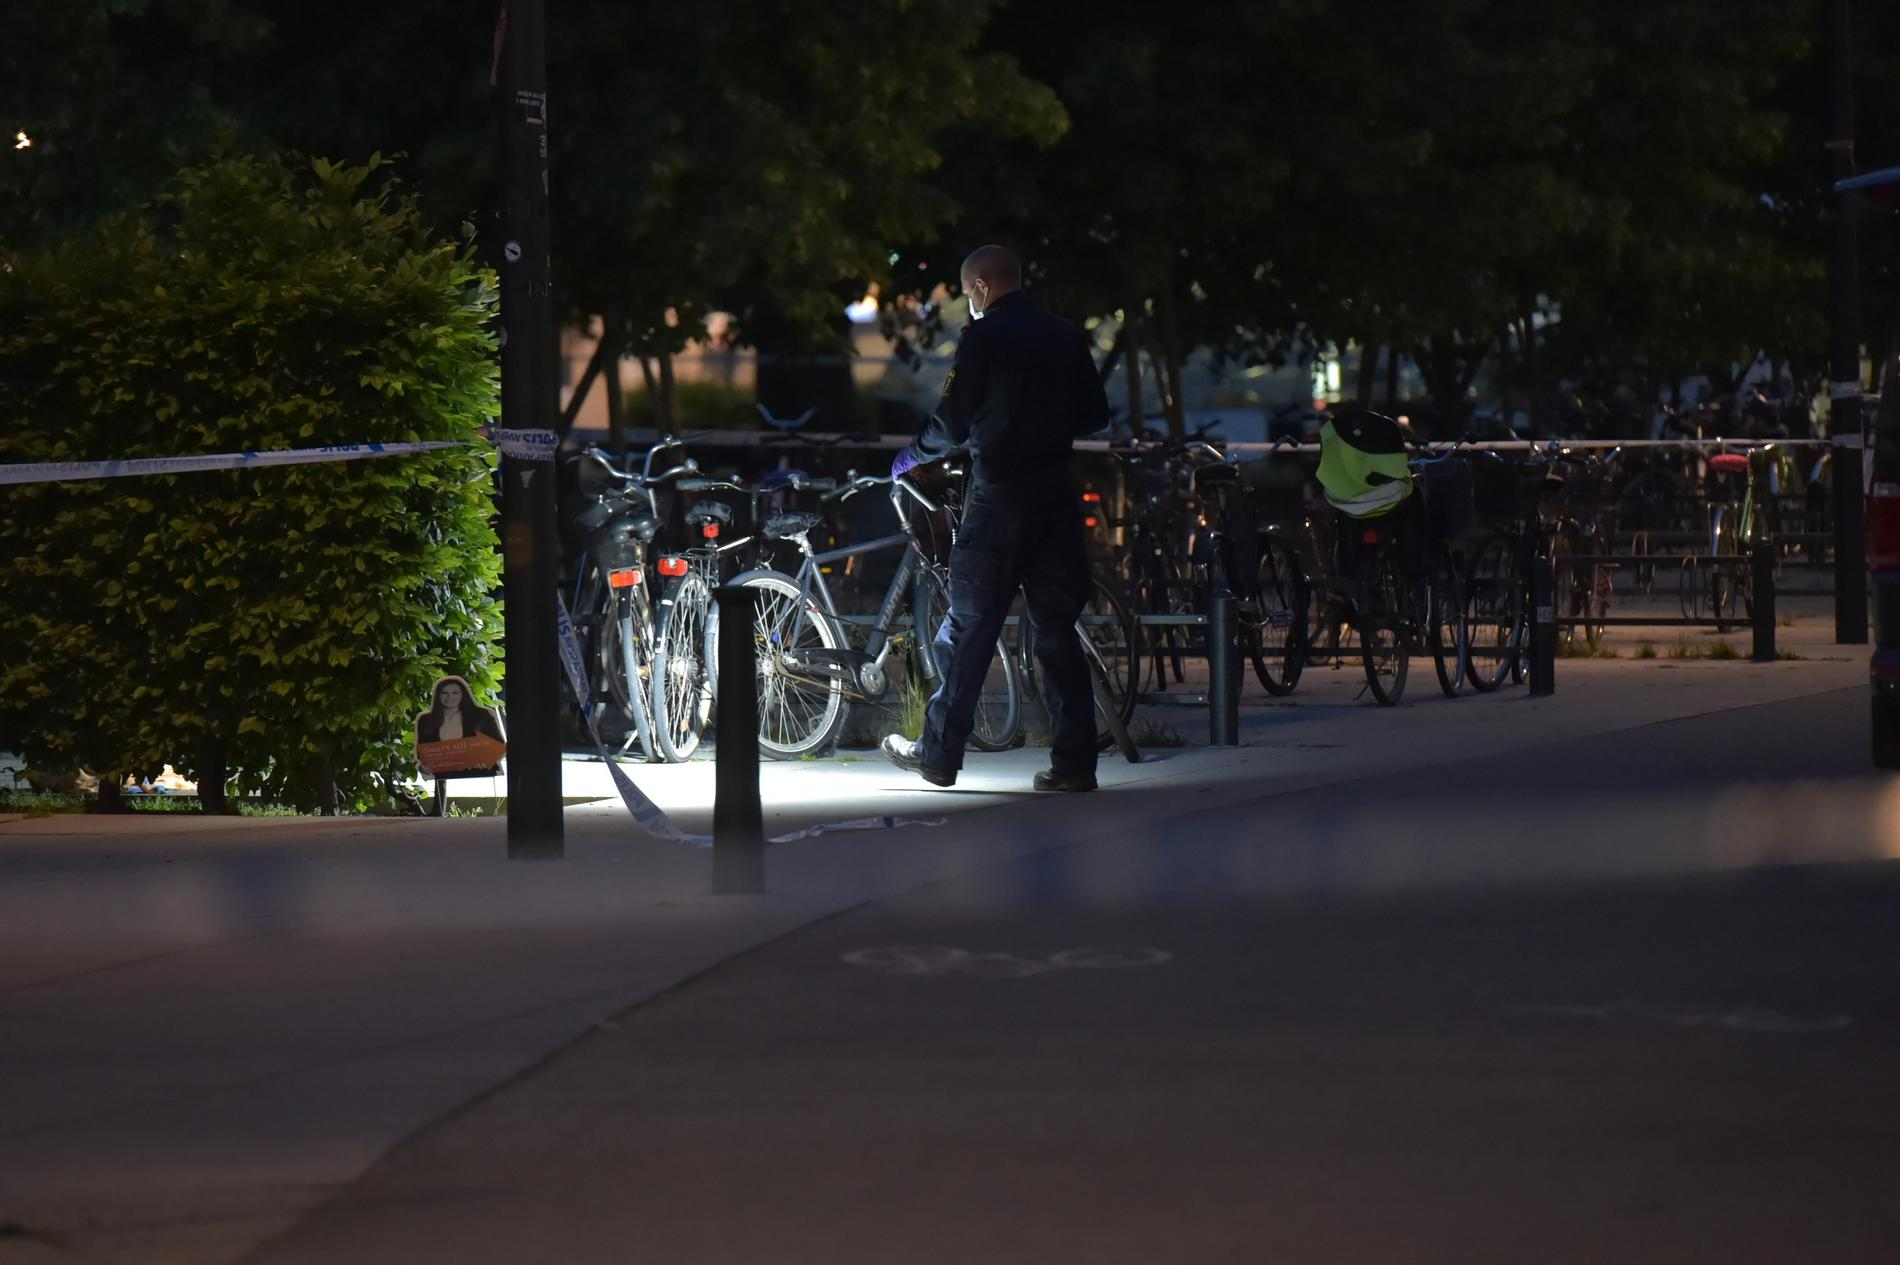 Polis på plats efter dödsskjutningen i Malmö.